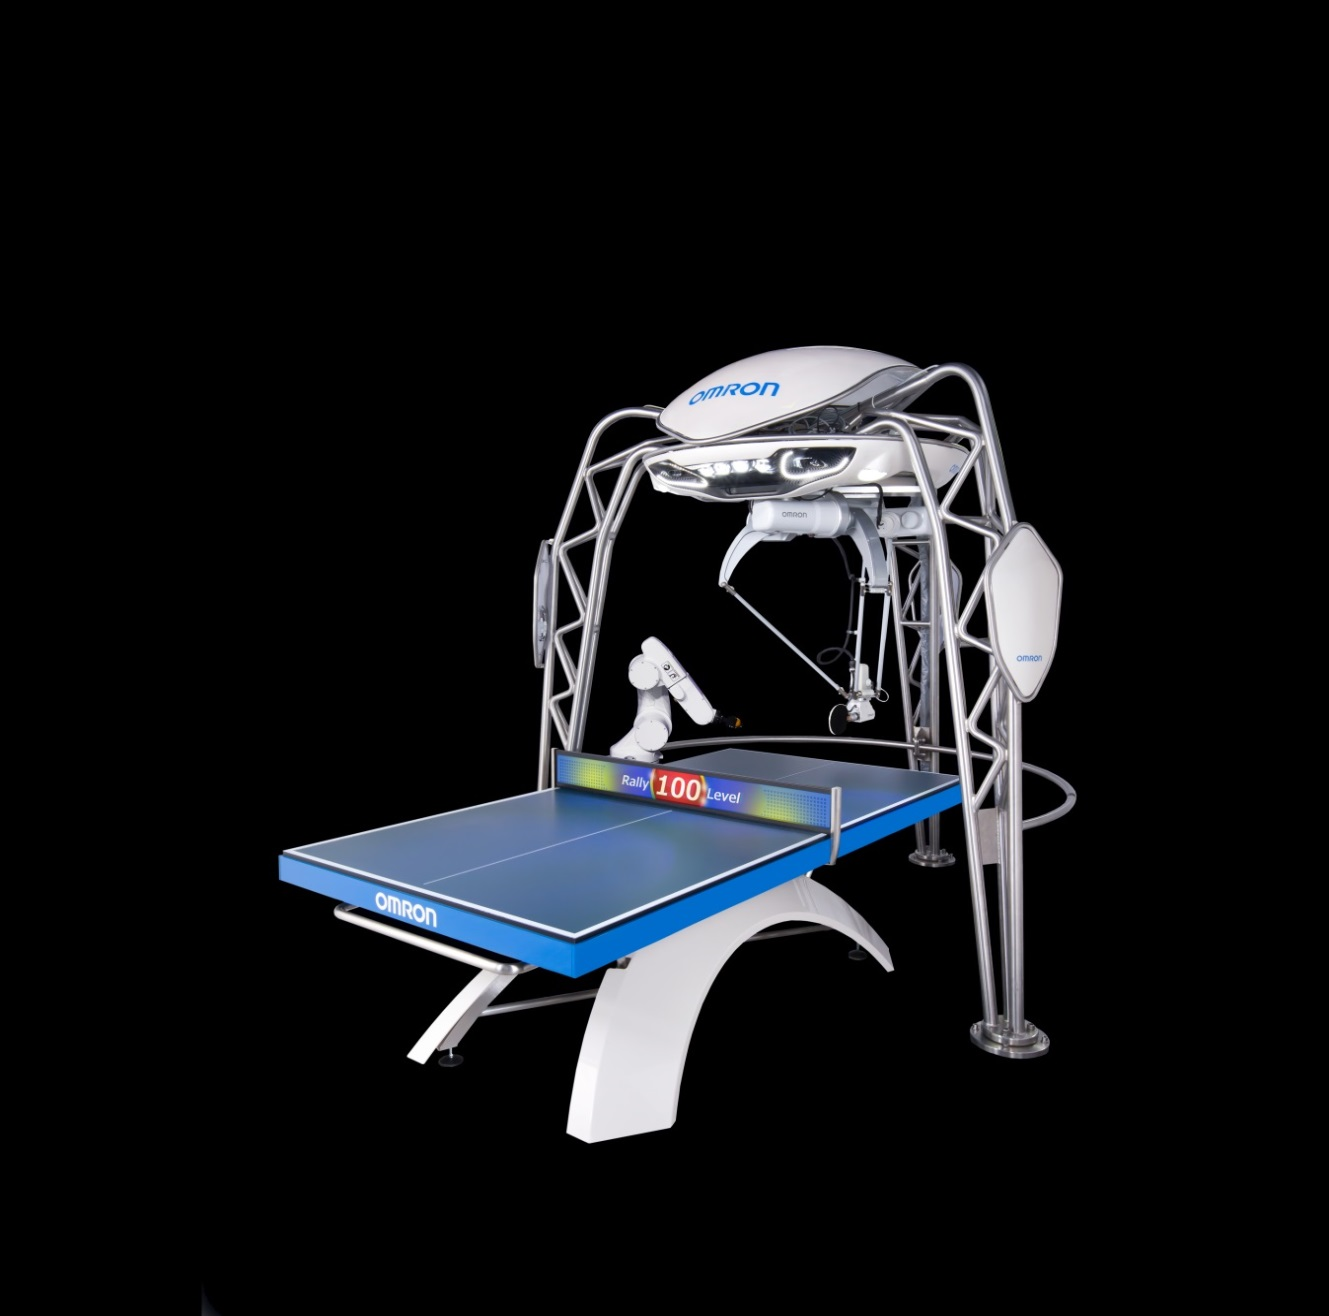 「卓球ロボット オムロン」の画像検索結果